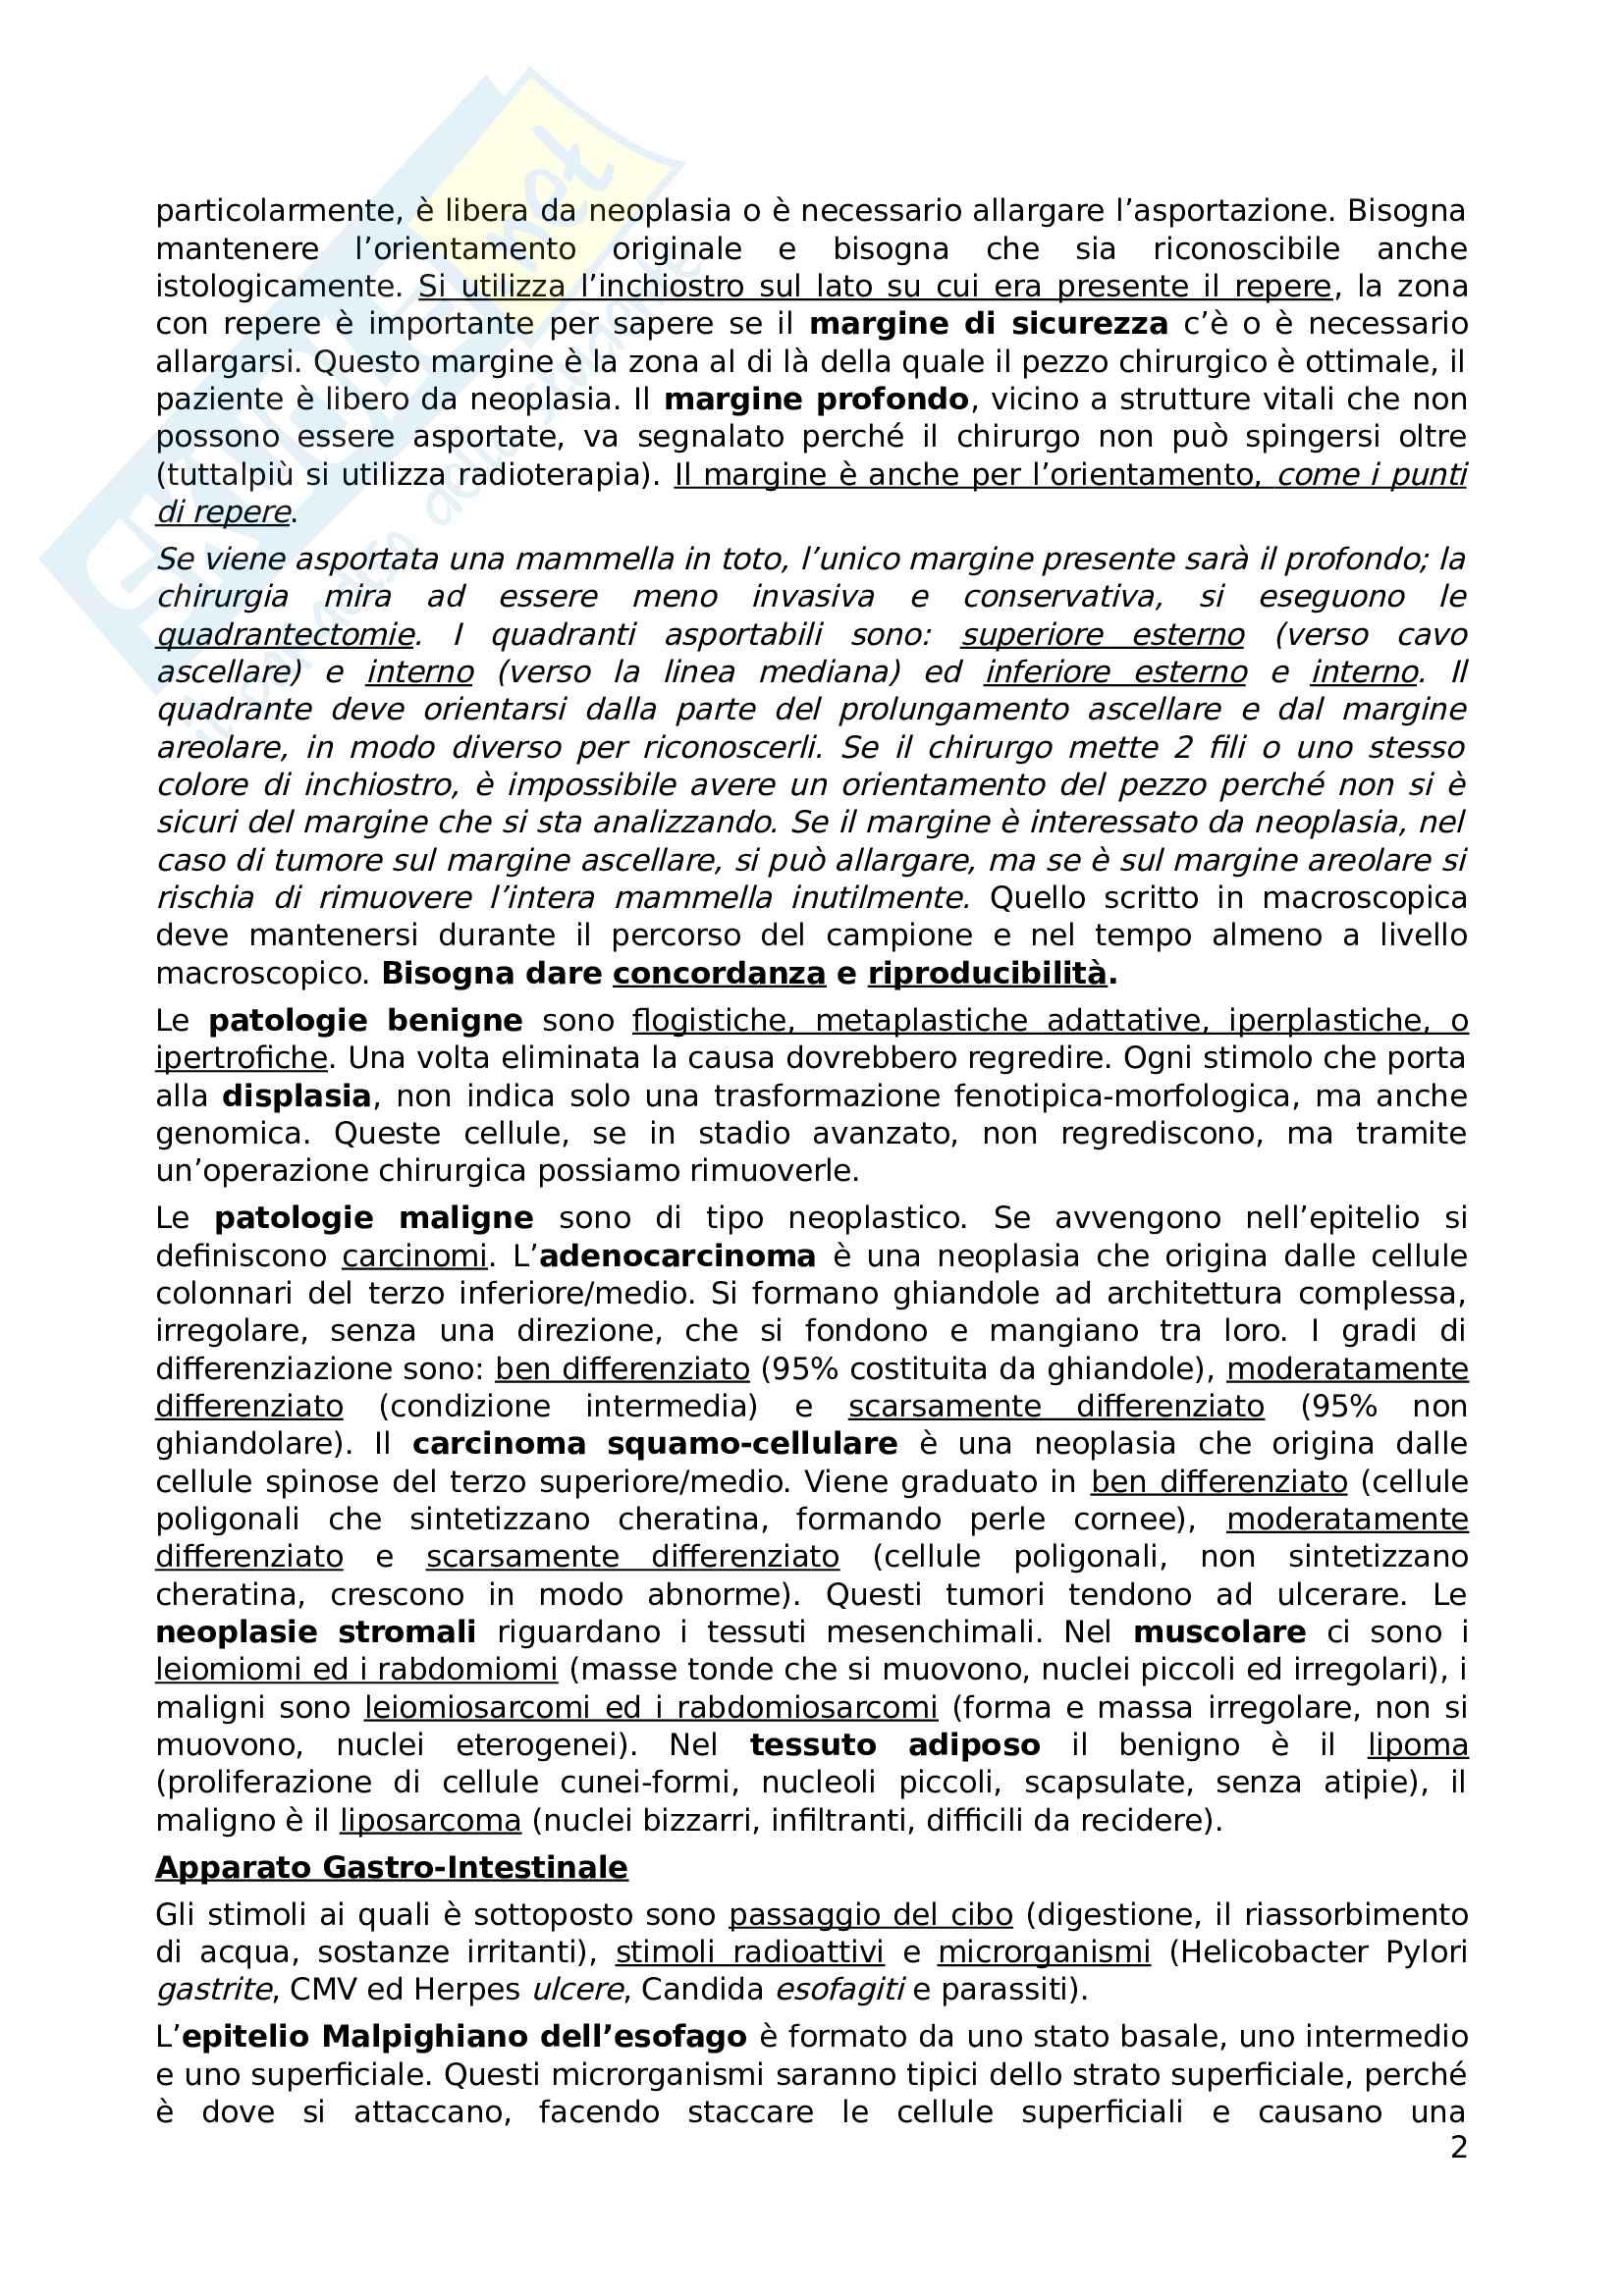 Appunti di Anatomia Patologica Pag. 2